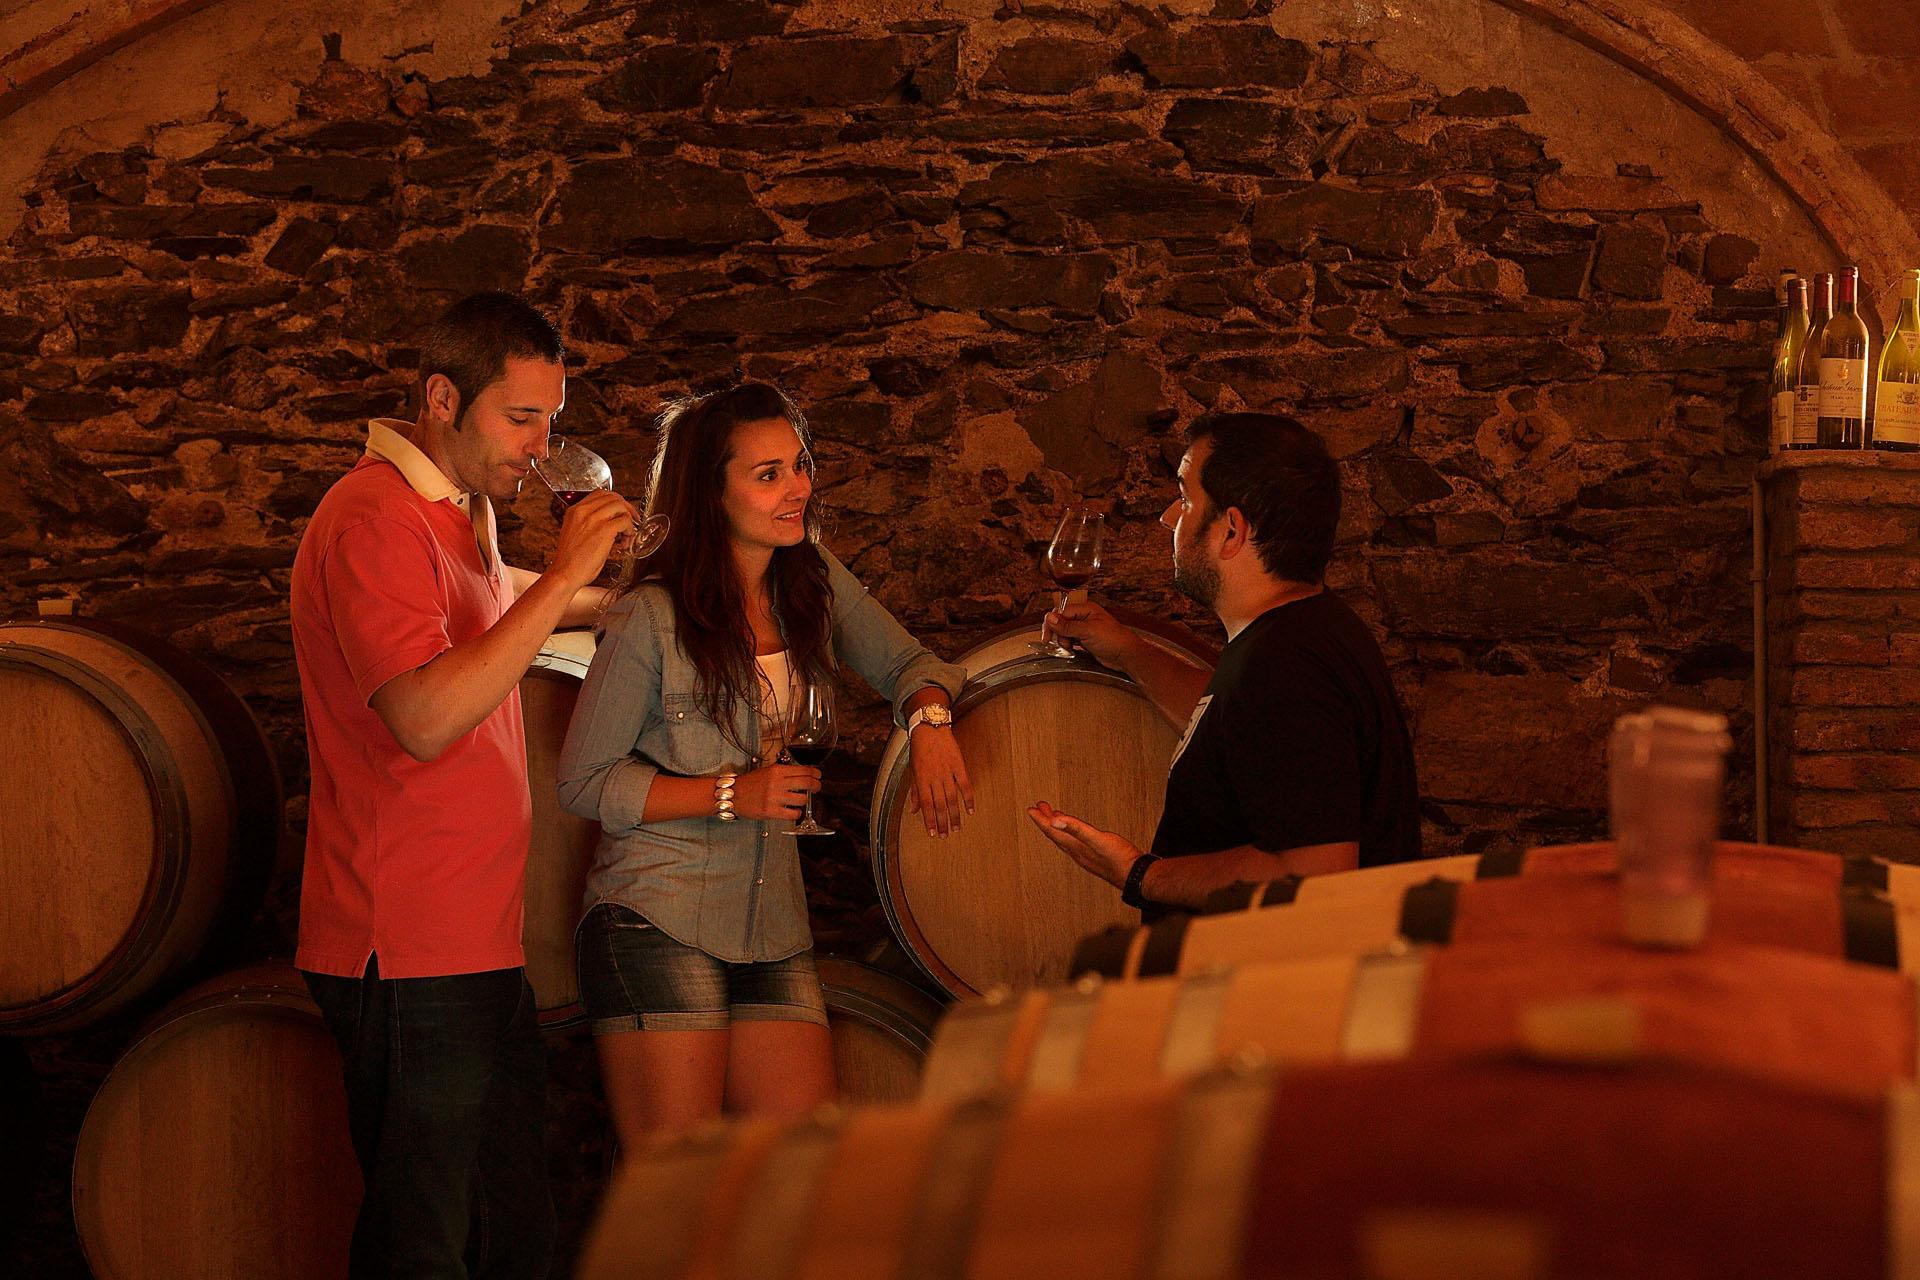 Enoturisme. Celler Saó del Coster, del viticultor Fredi Torres.  DOQ Priorat. Gratallops, Priorat, Tarragona Models: Lorena Chabuch i Wiily Marcé